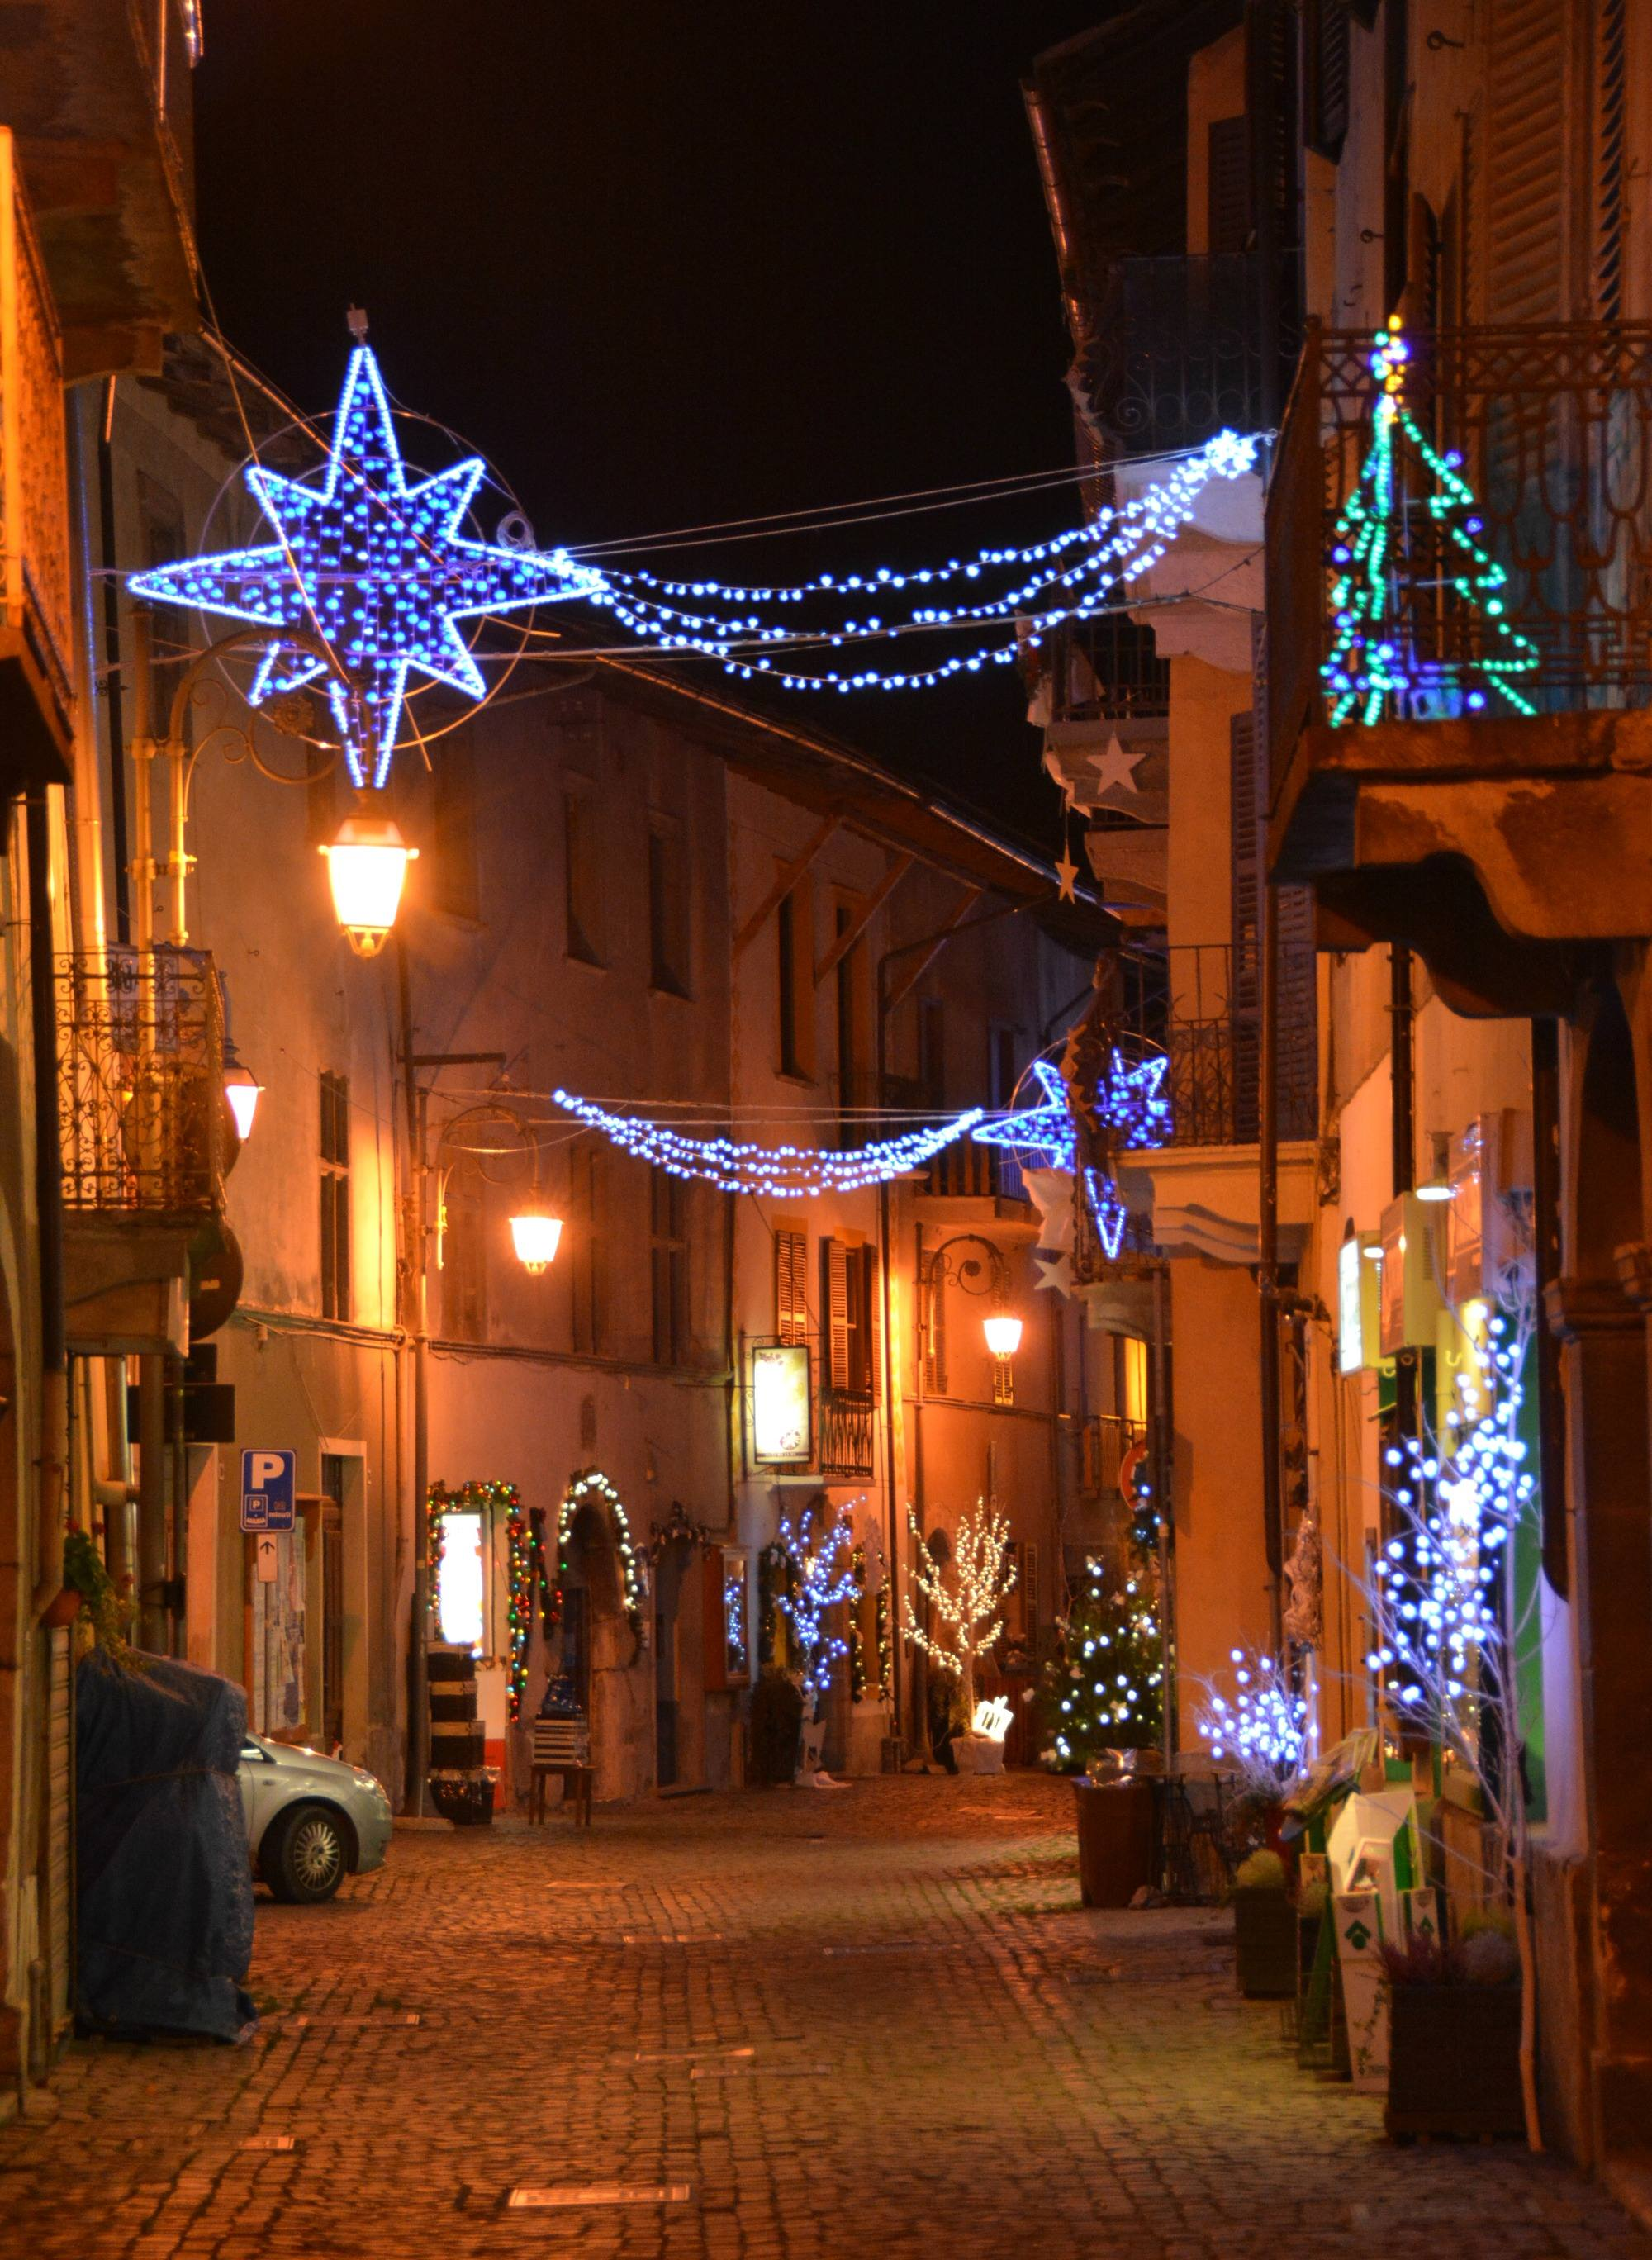 Oulx: Musica e concerti  per le feste di Natale